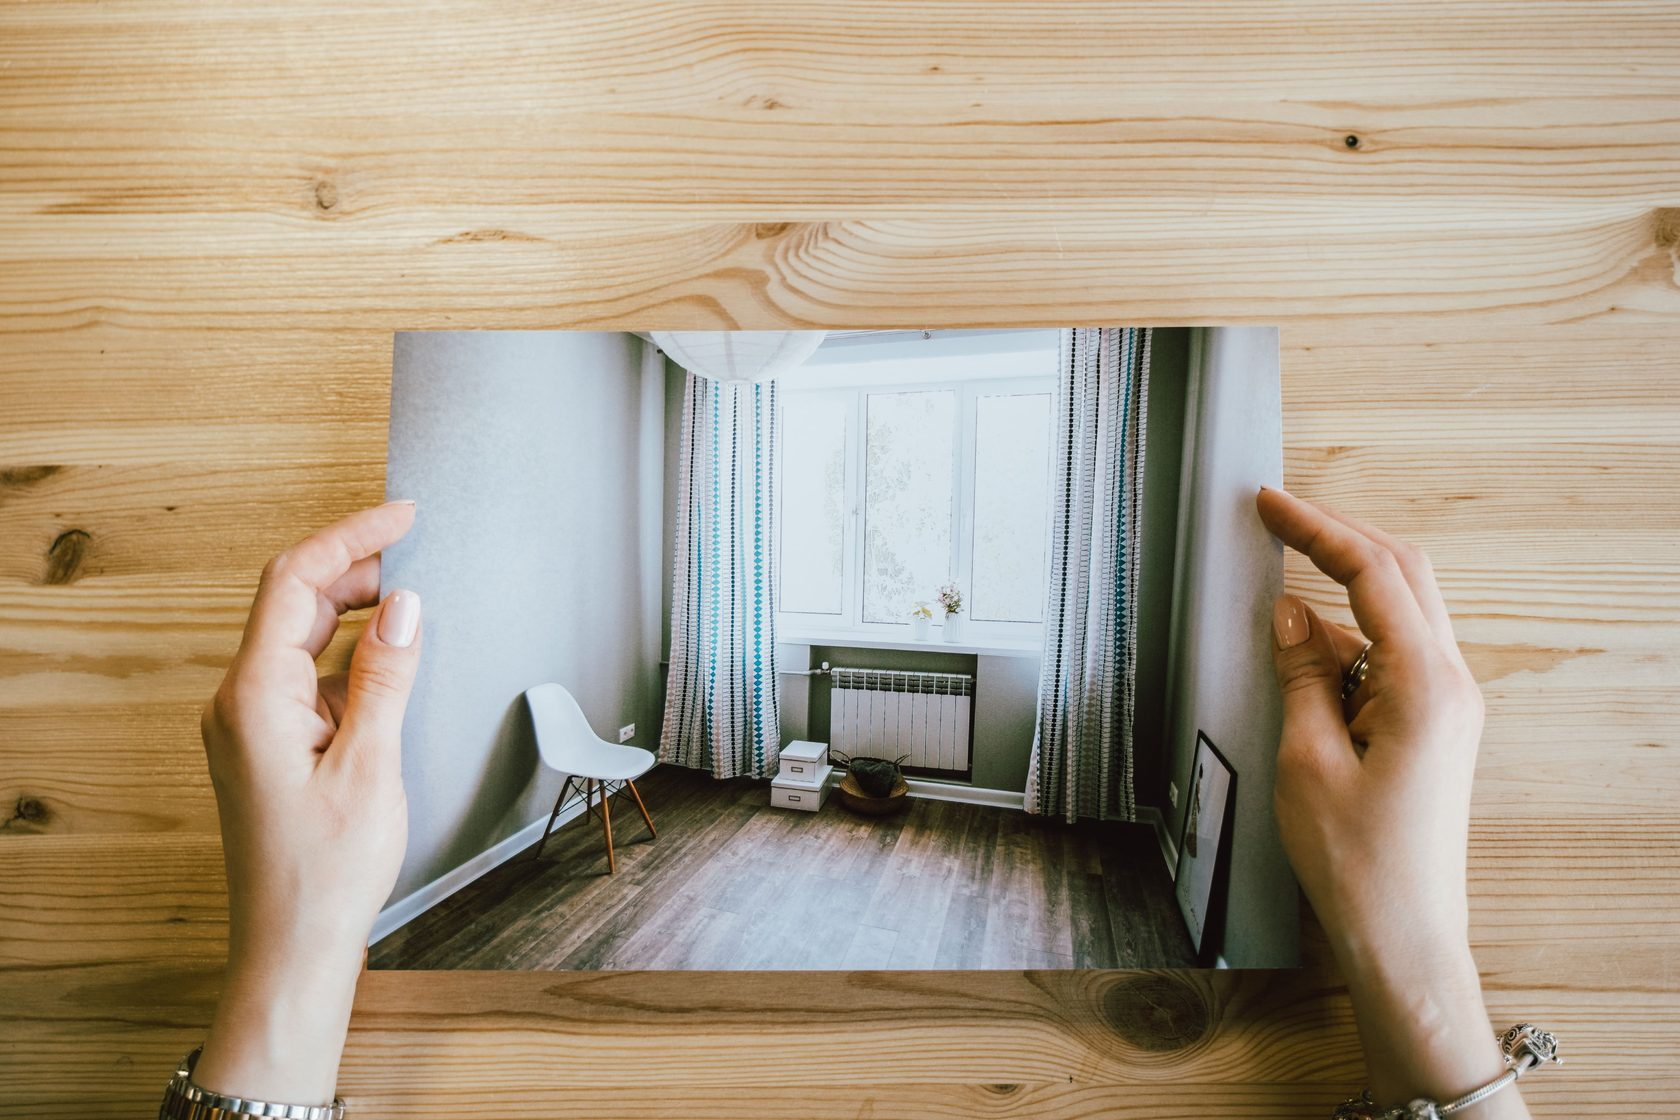 ремонт квартиры 2 цена, сделать ремонт в двухкомнатной квартире, ремонт 2 квартиры под ключ, сколько стоит сделать ремонт в 2 квартире, ремонт квартир в Воронеже